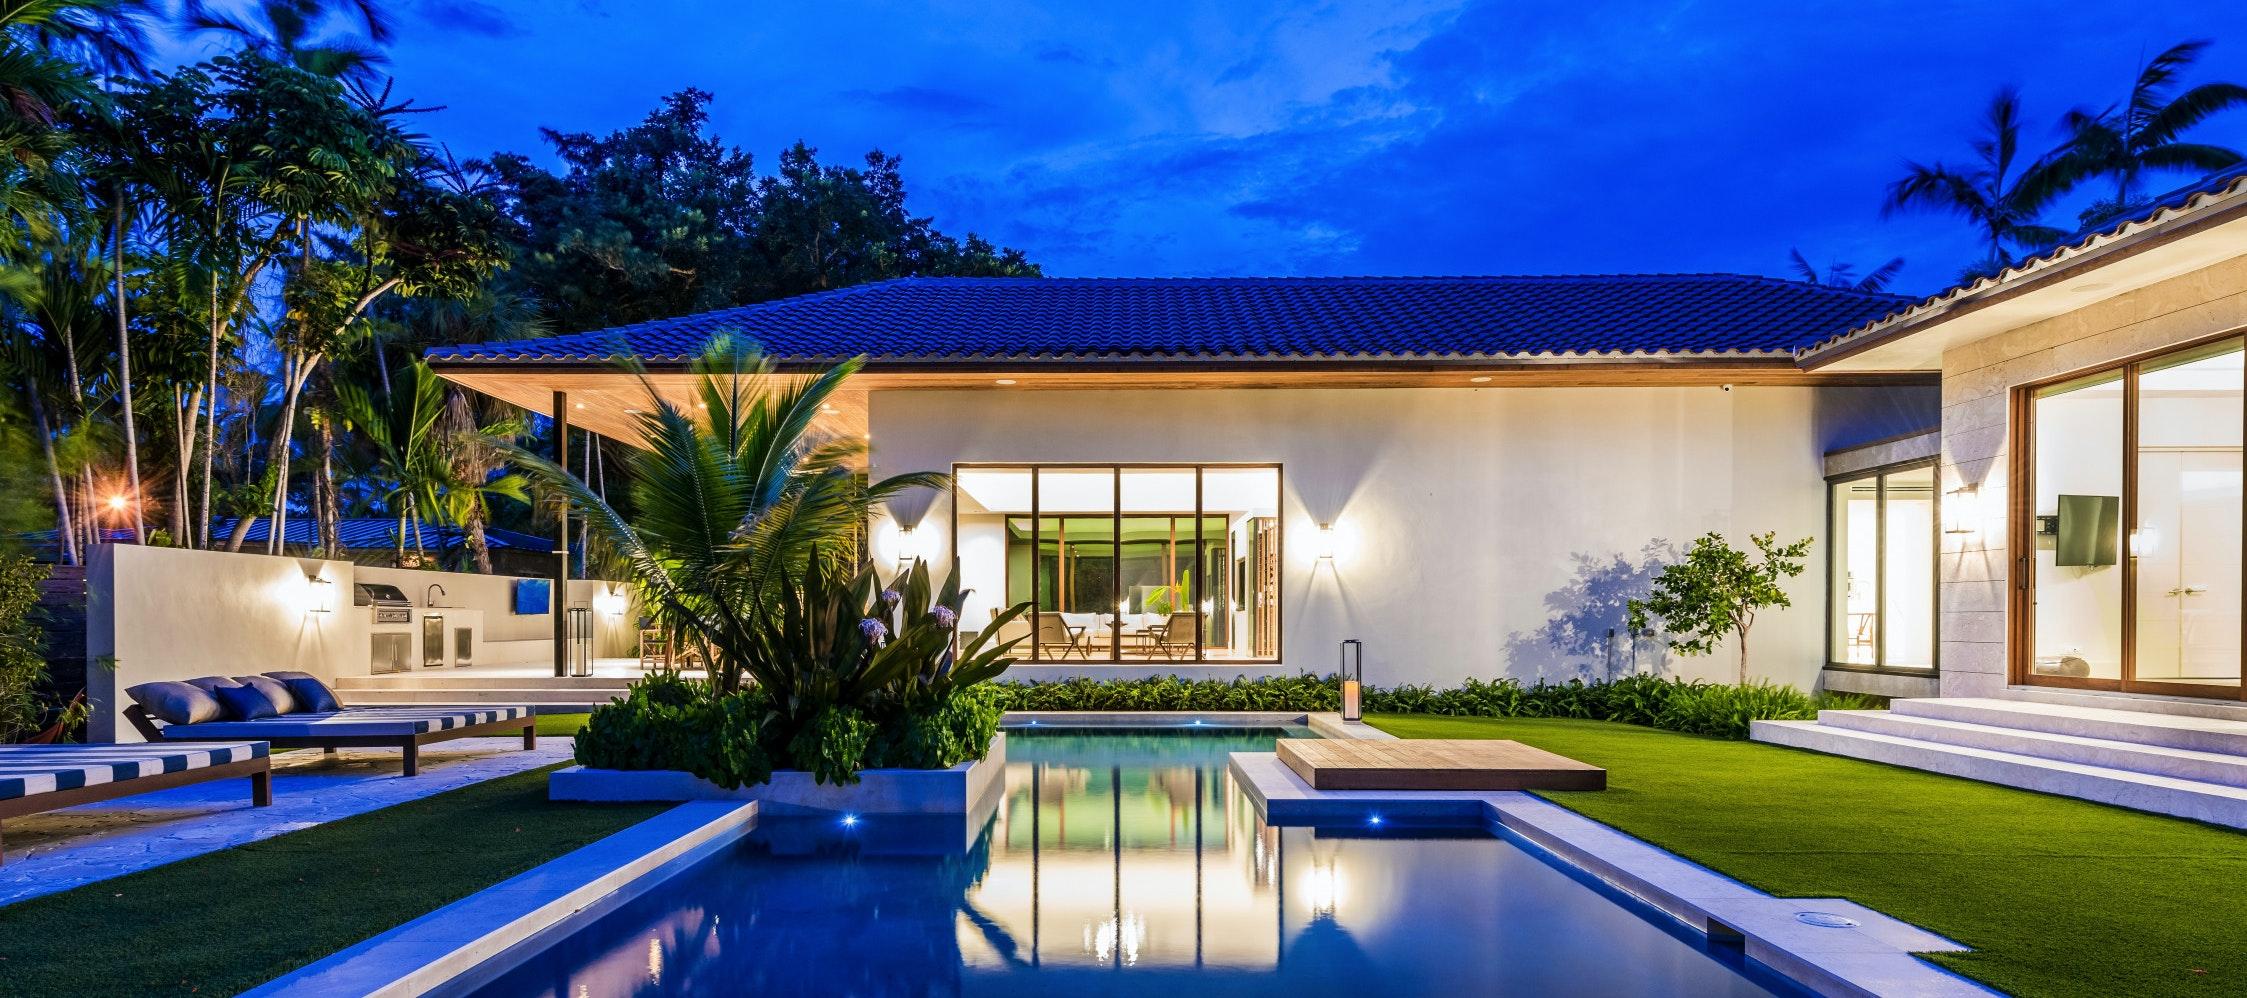 Villa Marya luxury rental in Miami Shores